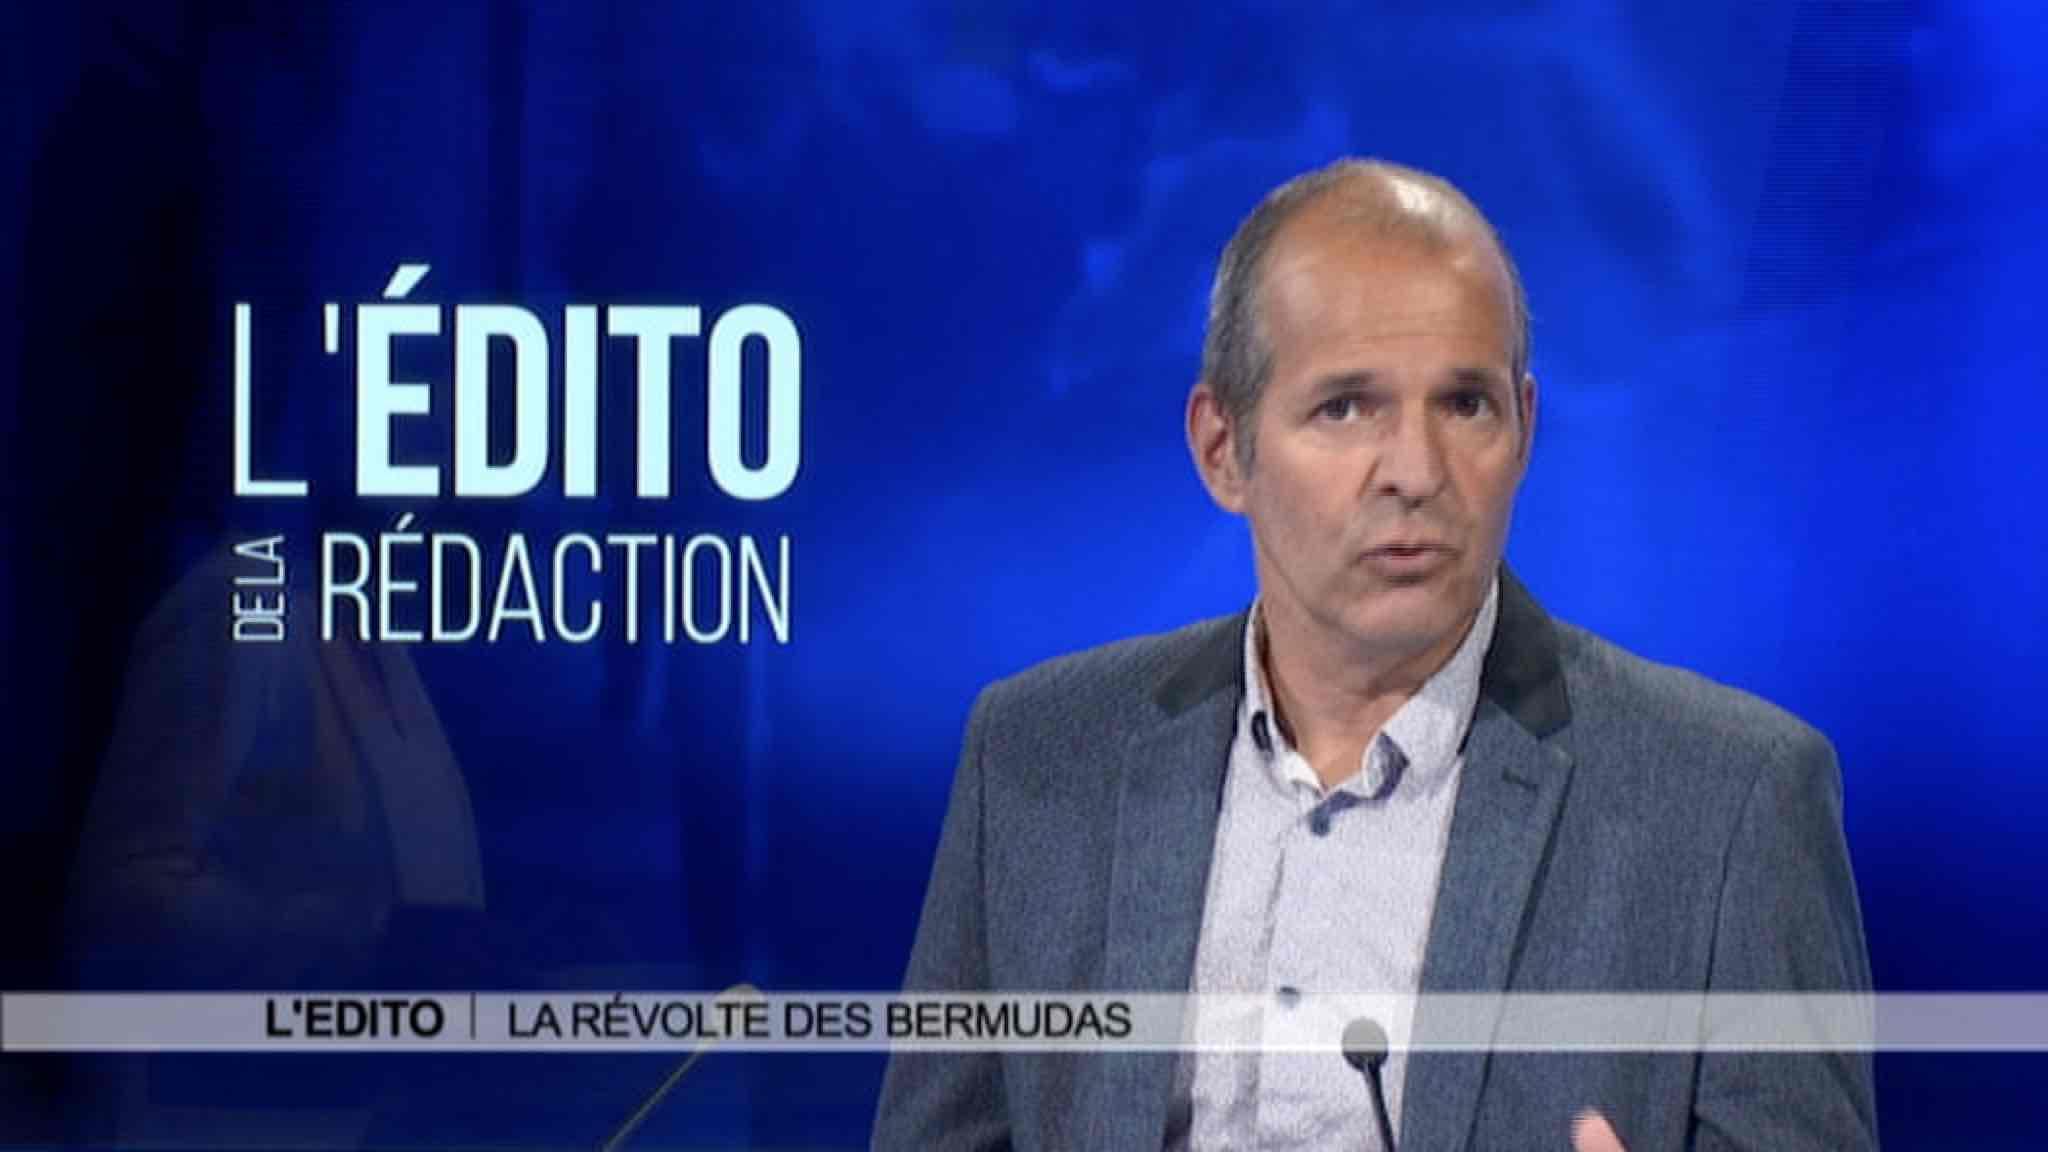 Edito: la révolte des bermudas